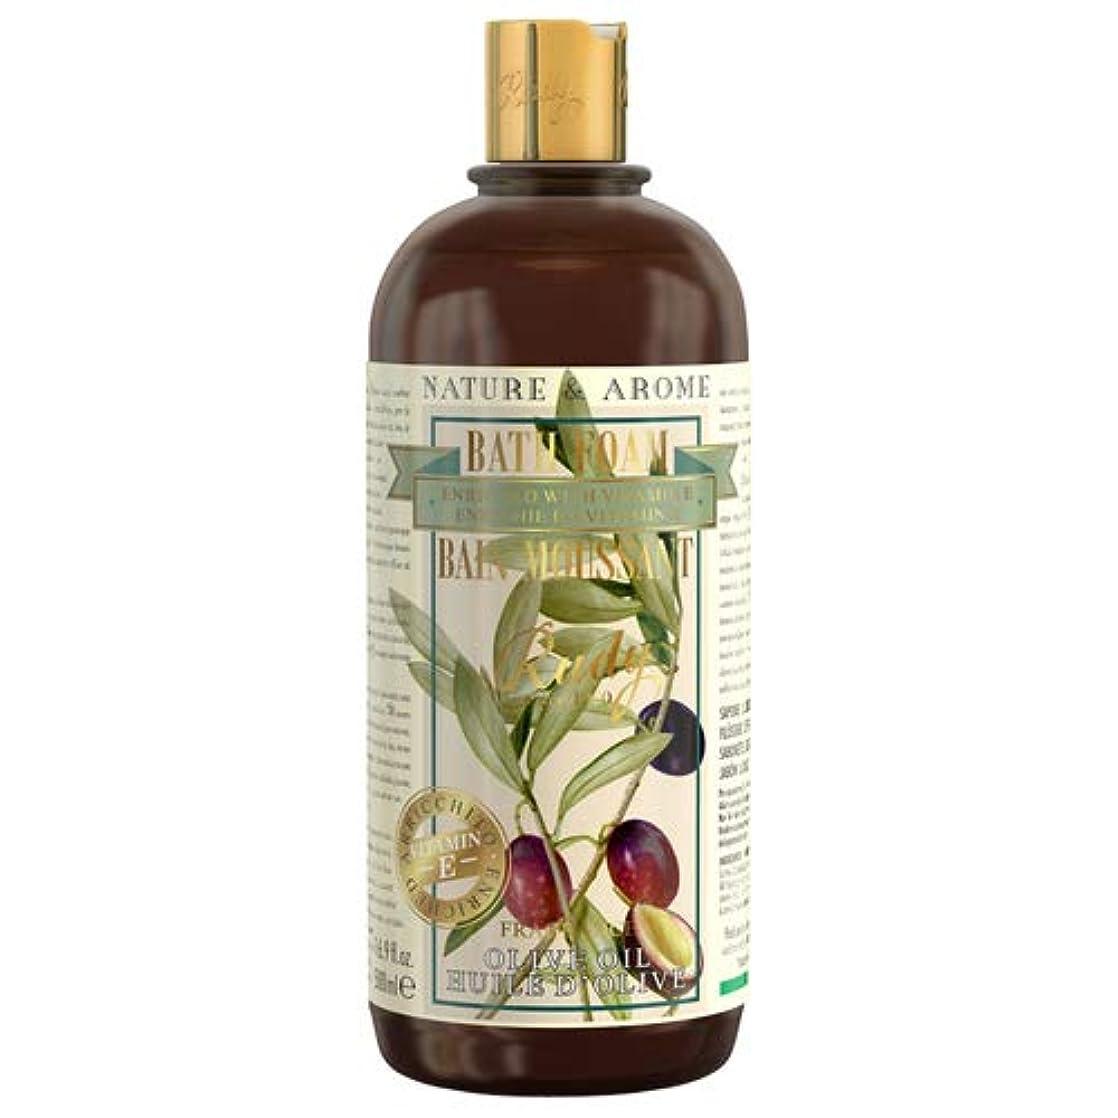 人柄アシスト悲劇RUDY Nature&Arome Apothecary ネイチャーアロマ アポセカリー Bath & Shower Gel バス&シャワージェル Olive Oil オリーブオイル